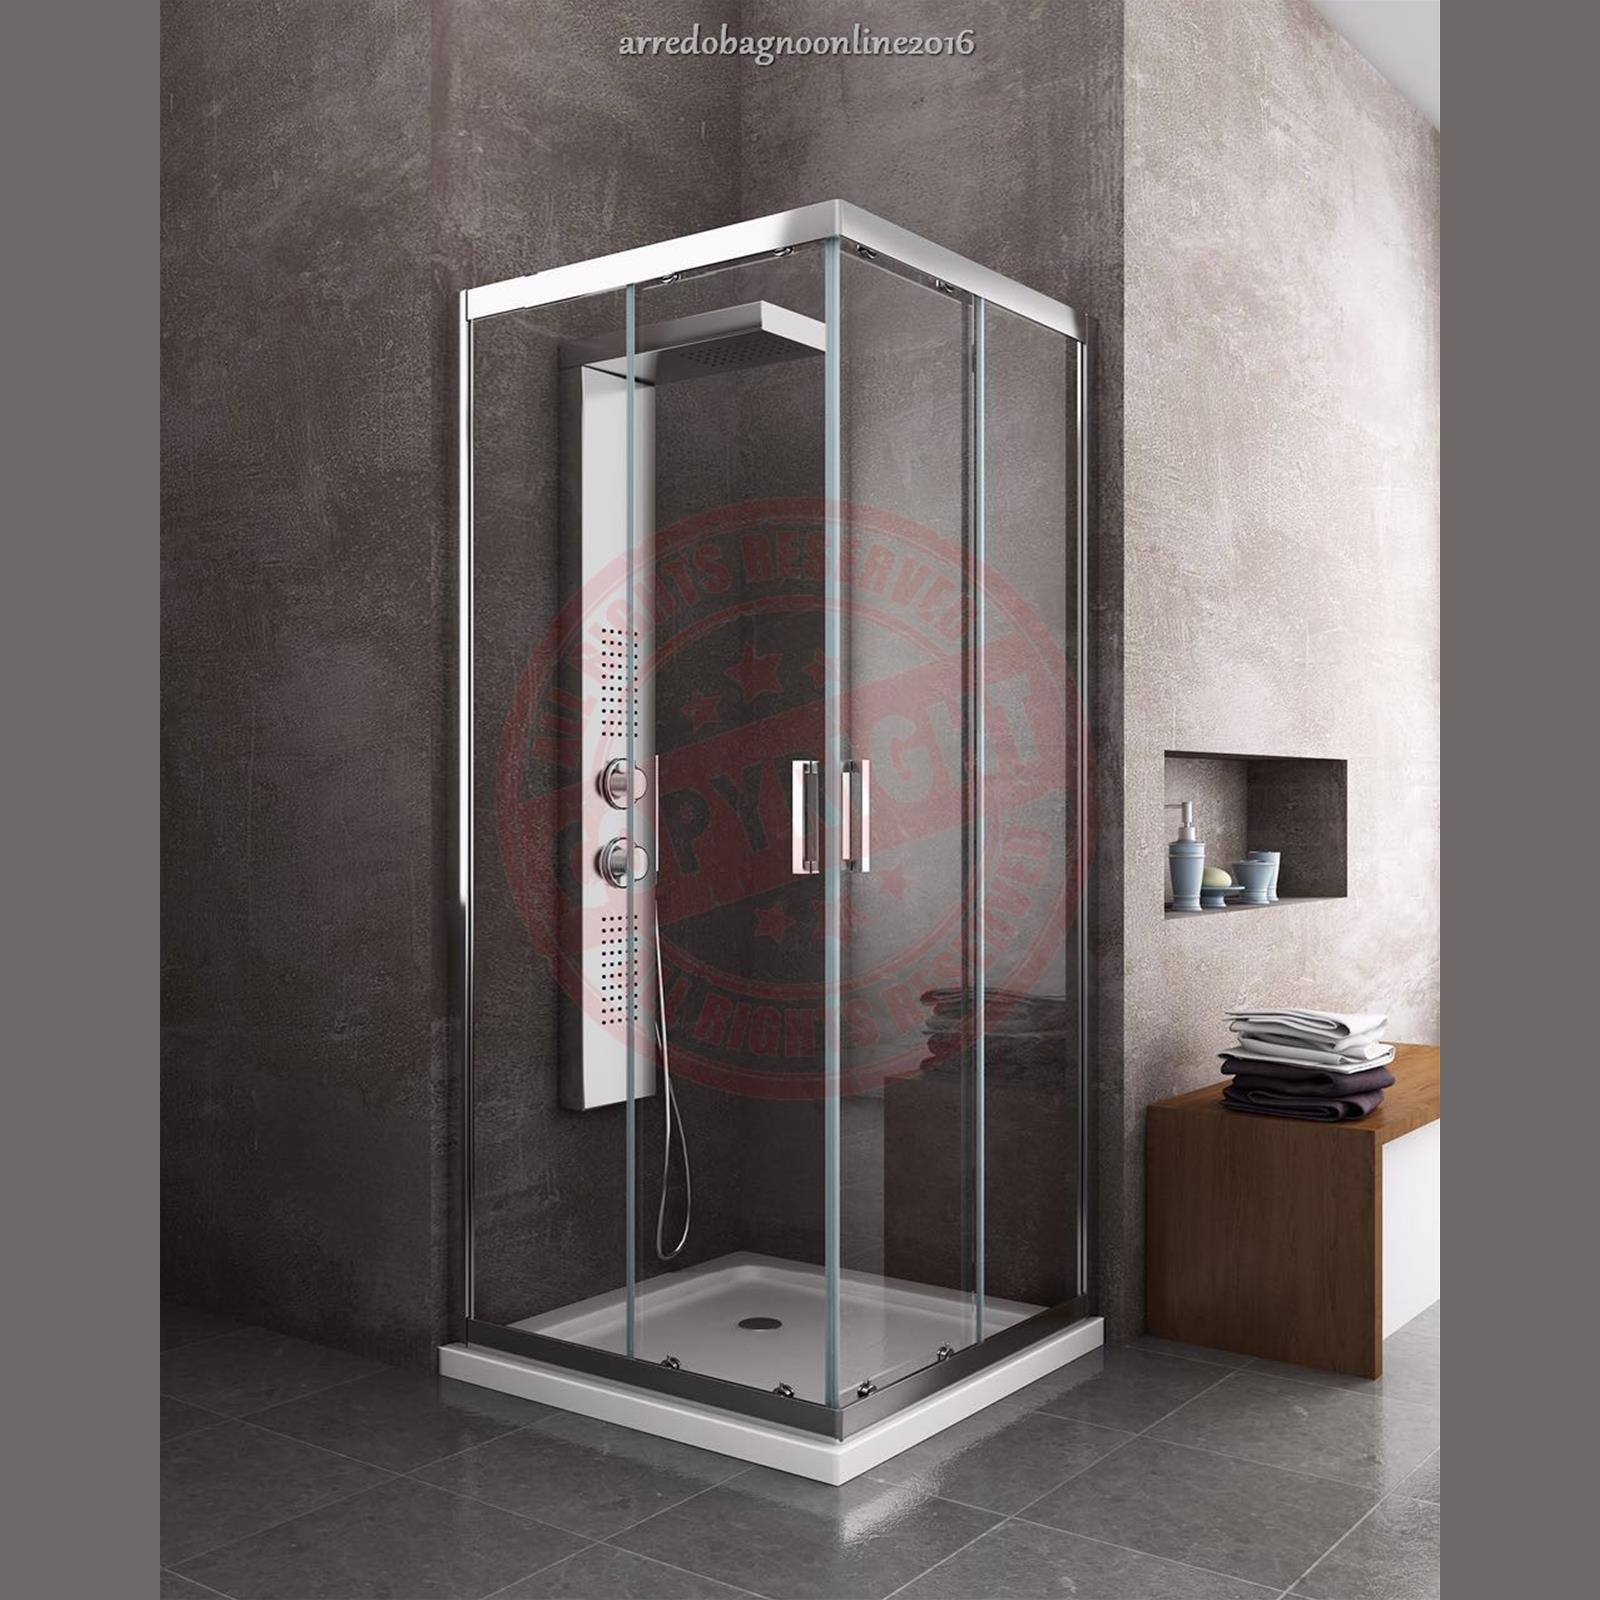 Box cabina doccia bagno angolare scorrevole rettangolare - Porta scorrevole bagno ...